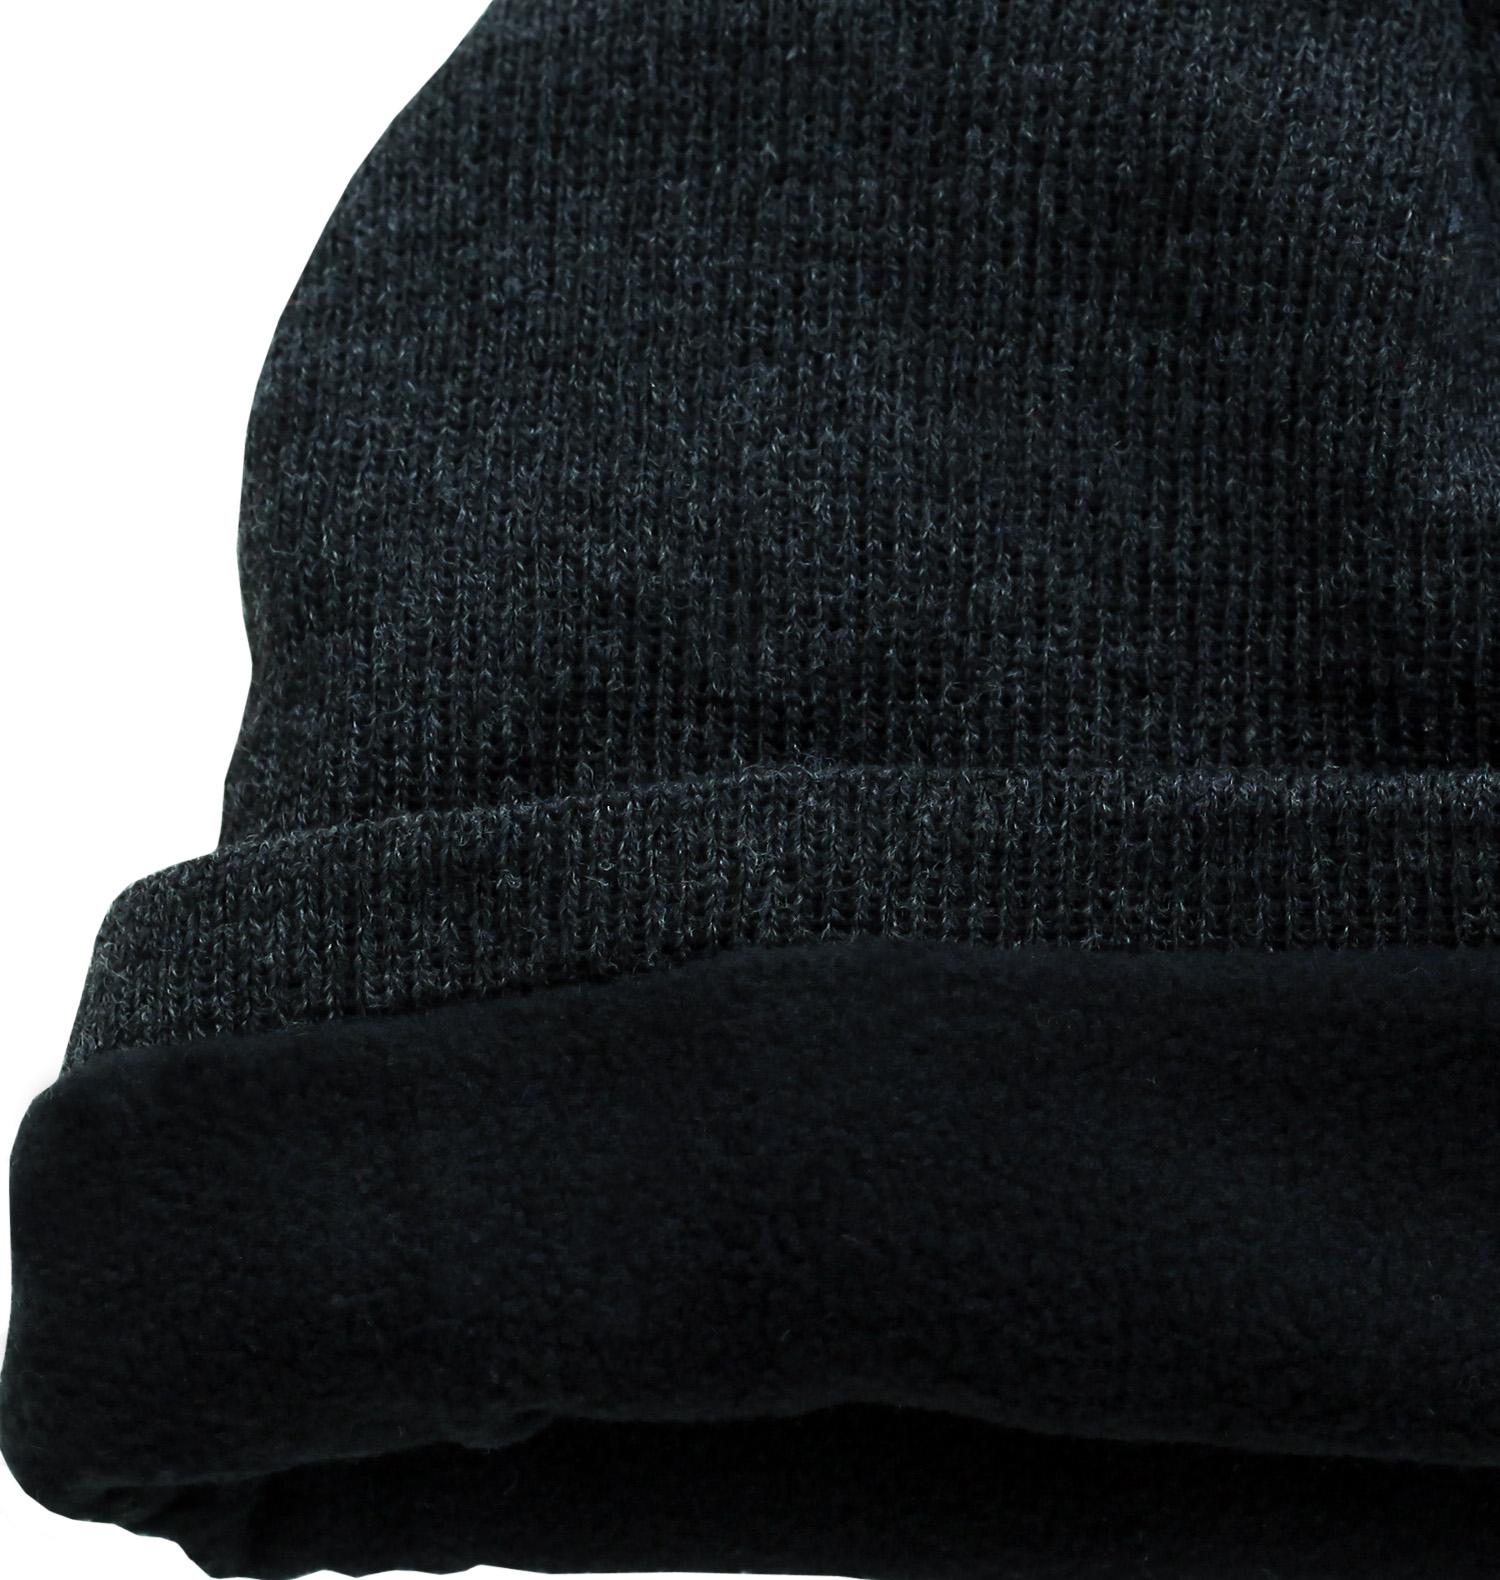 Купить черную мужскую шапку трикотажной модели с нашивкой по оптимальной цене